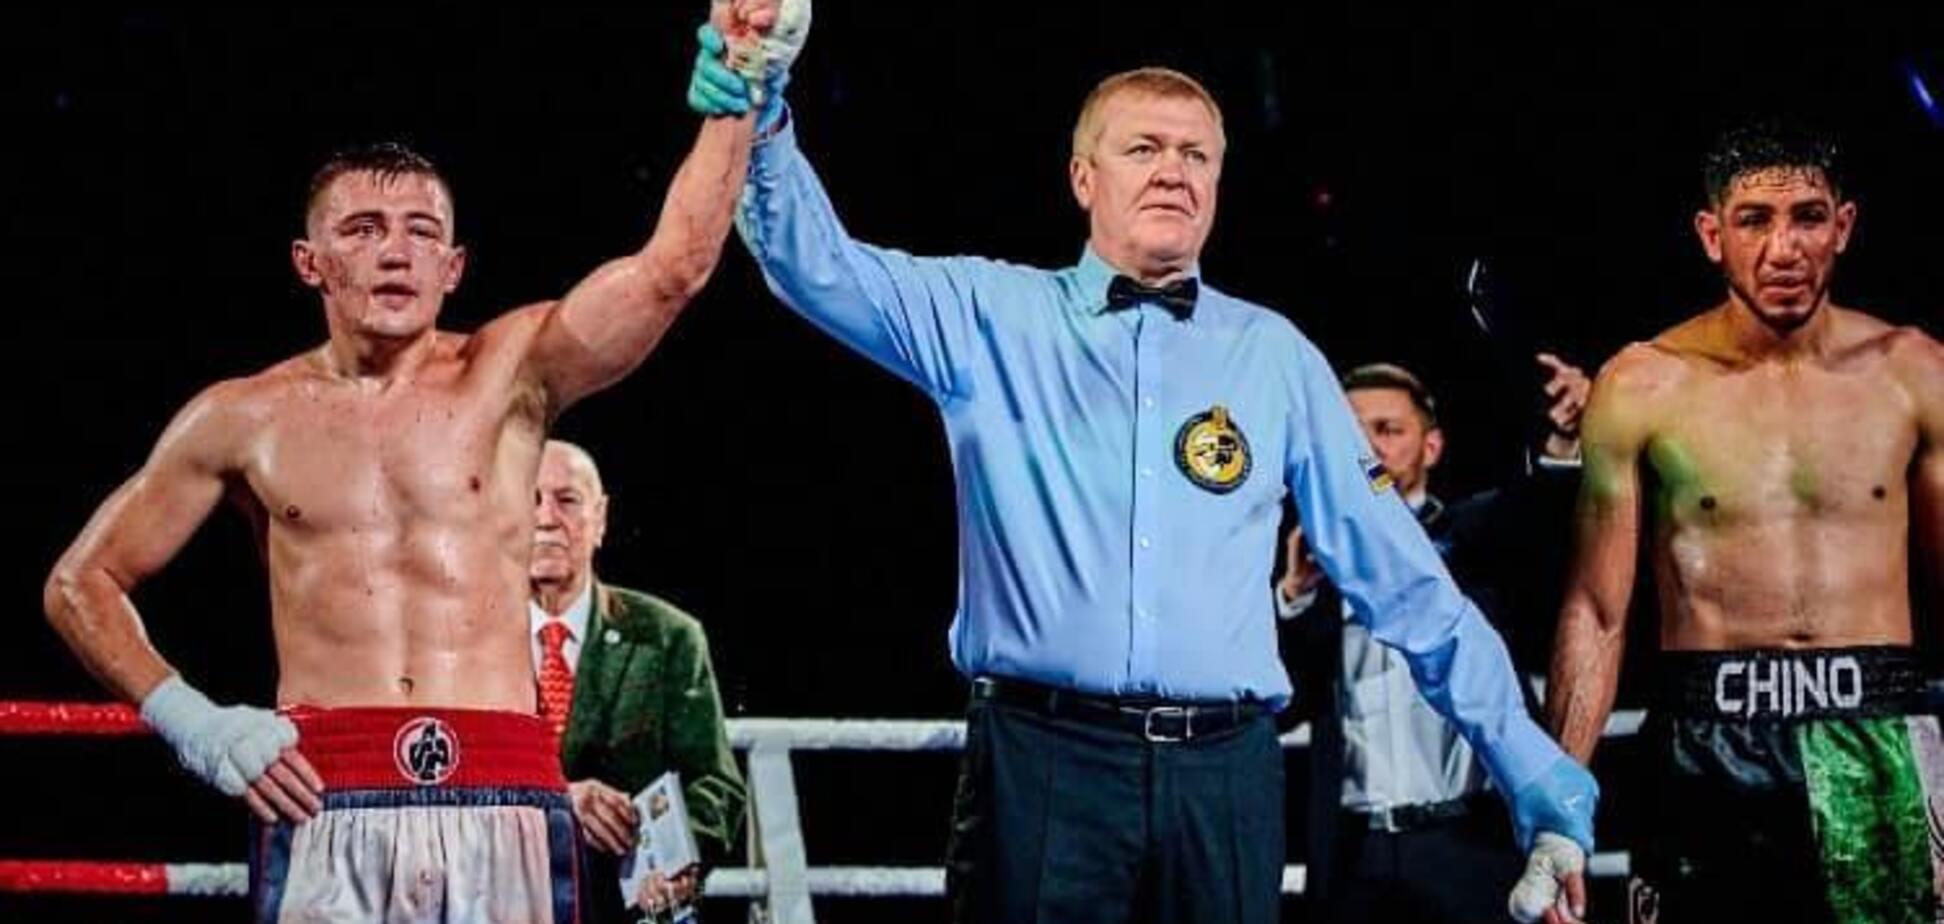 Защищать не будет: известный украинский боксер отказался от чемпионского титула